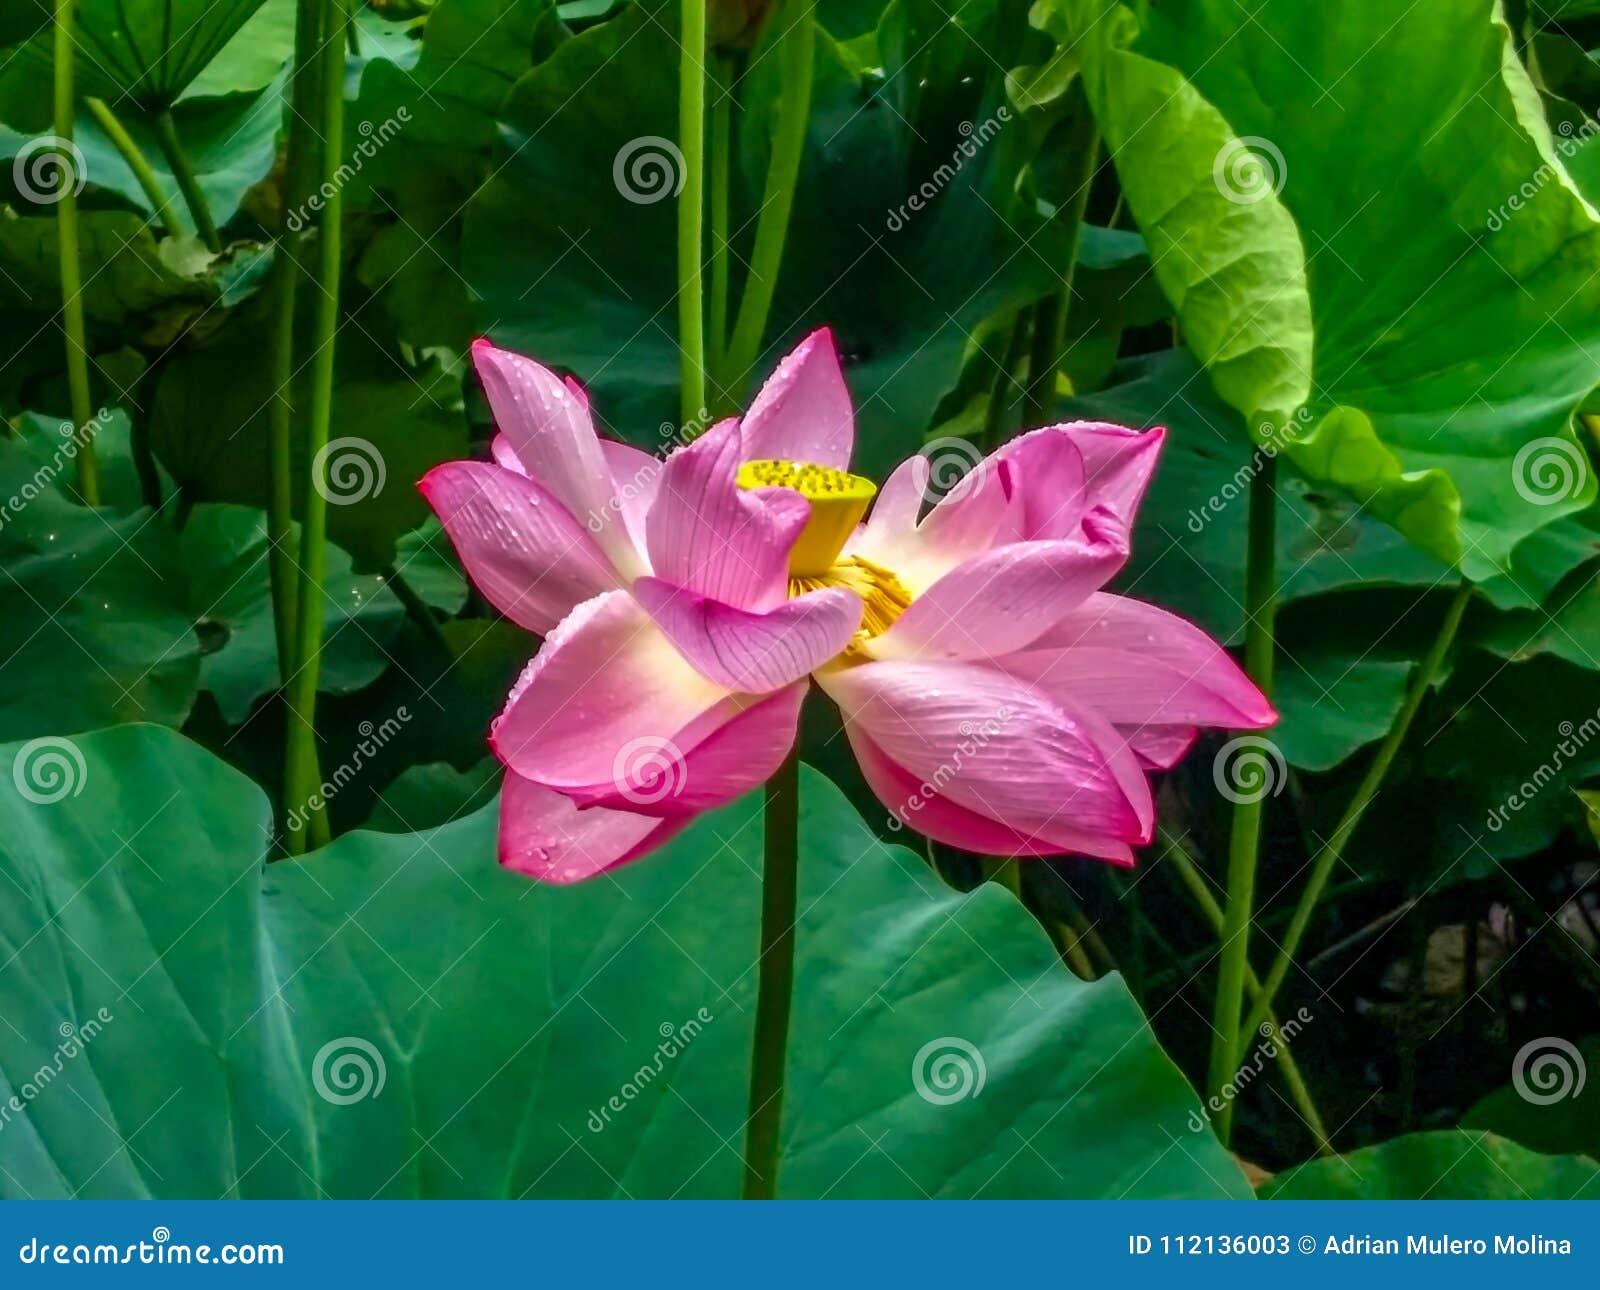 Blossom Lotus Flower In Japanese Pond Focus On Flower Stock Image